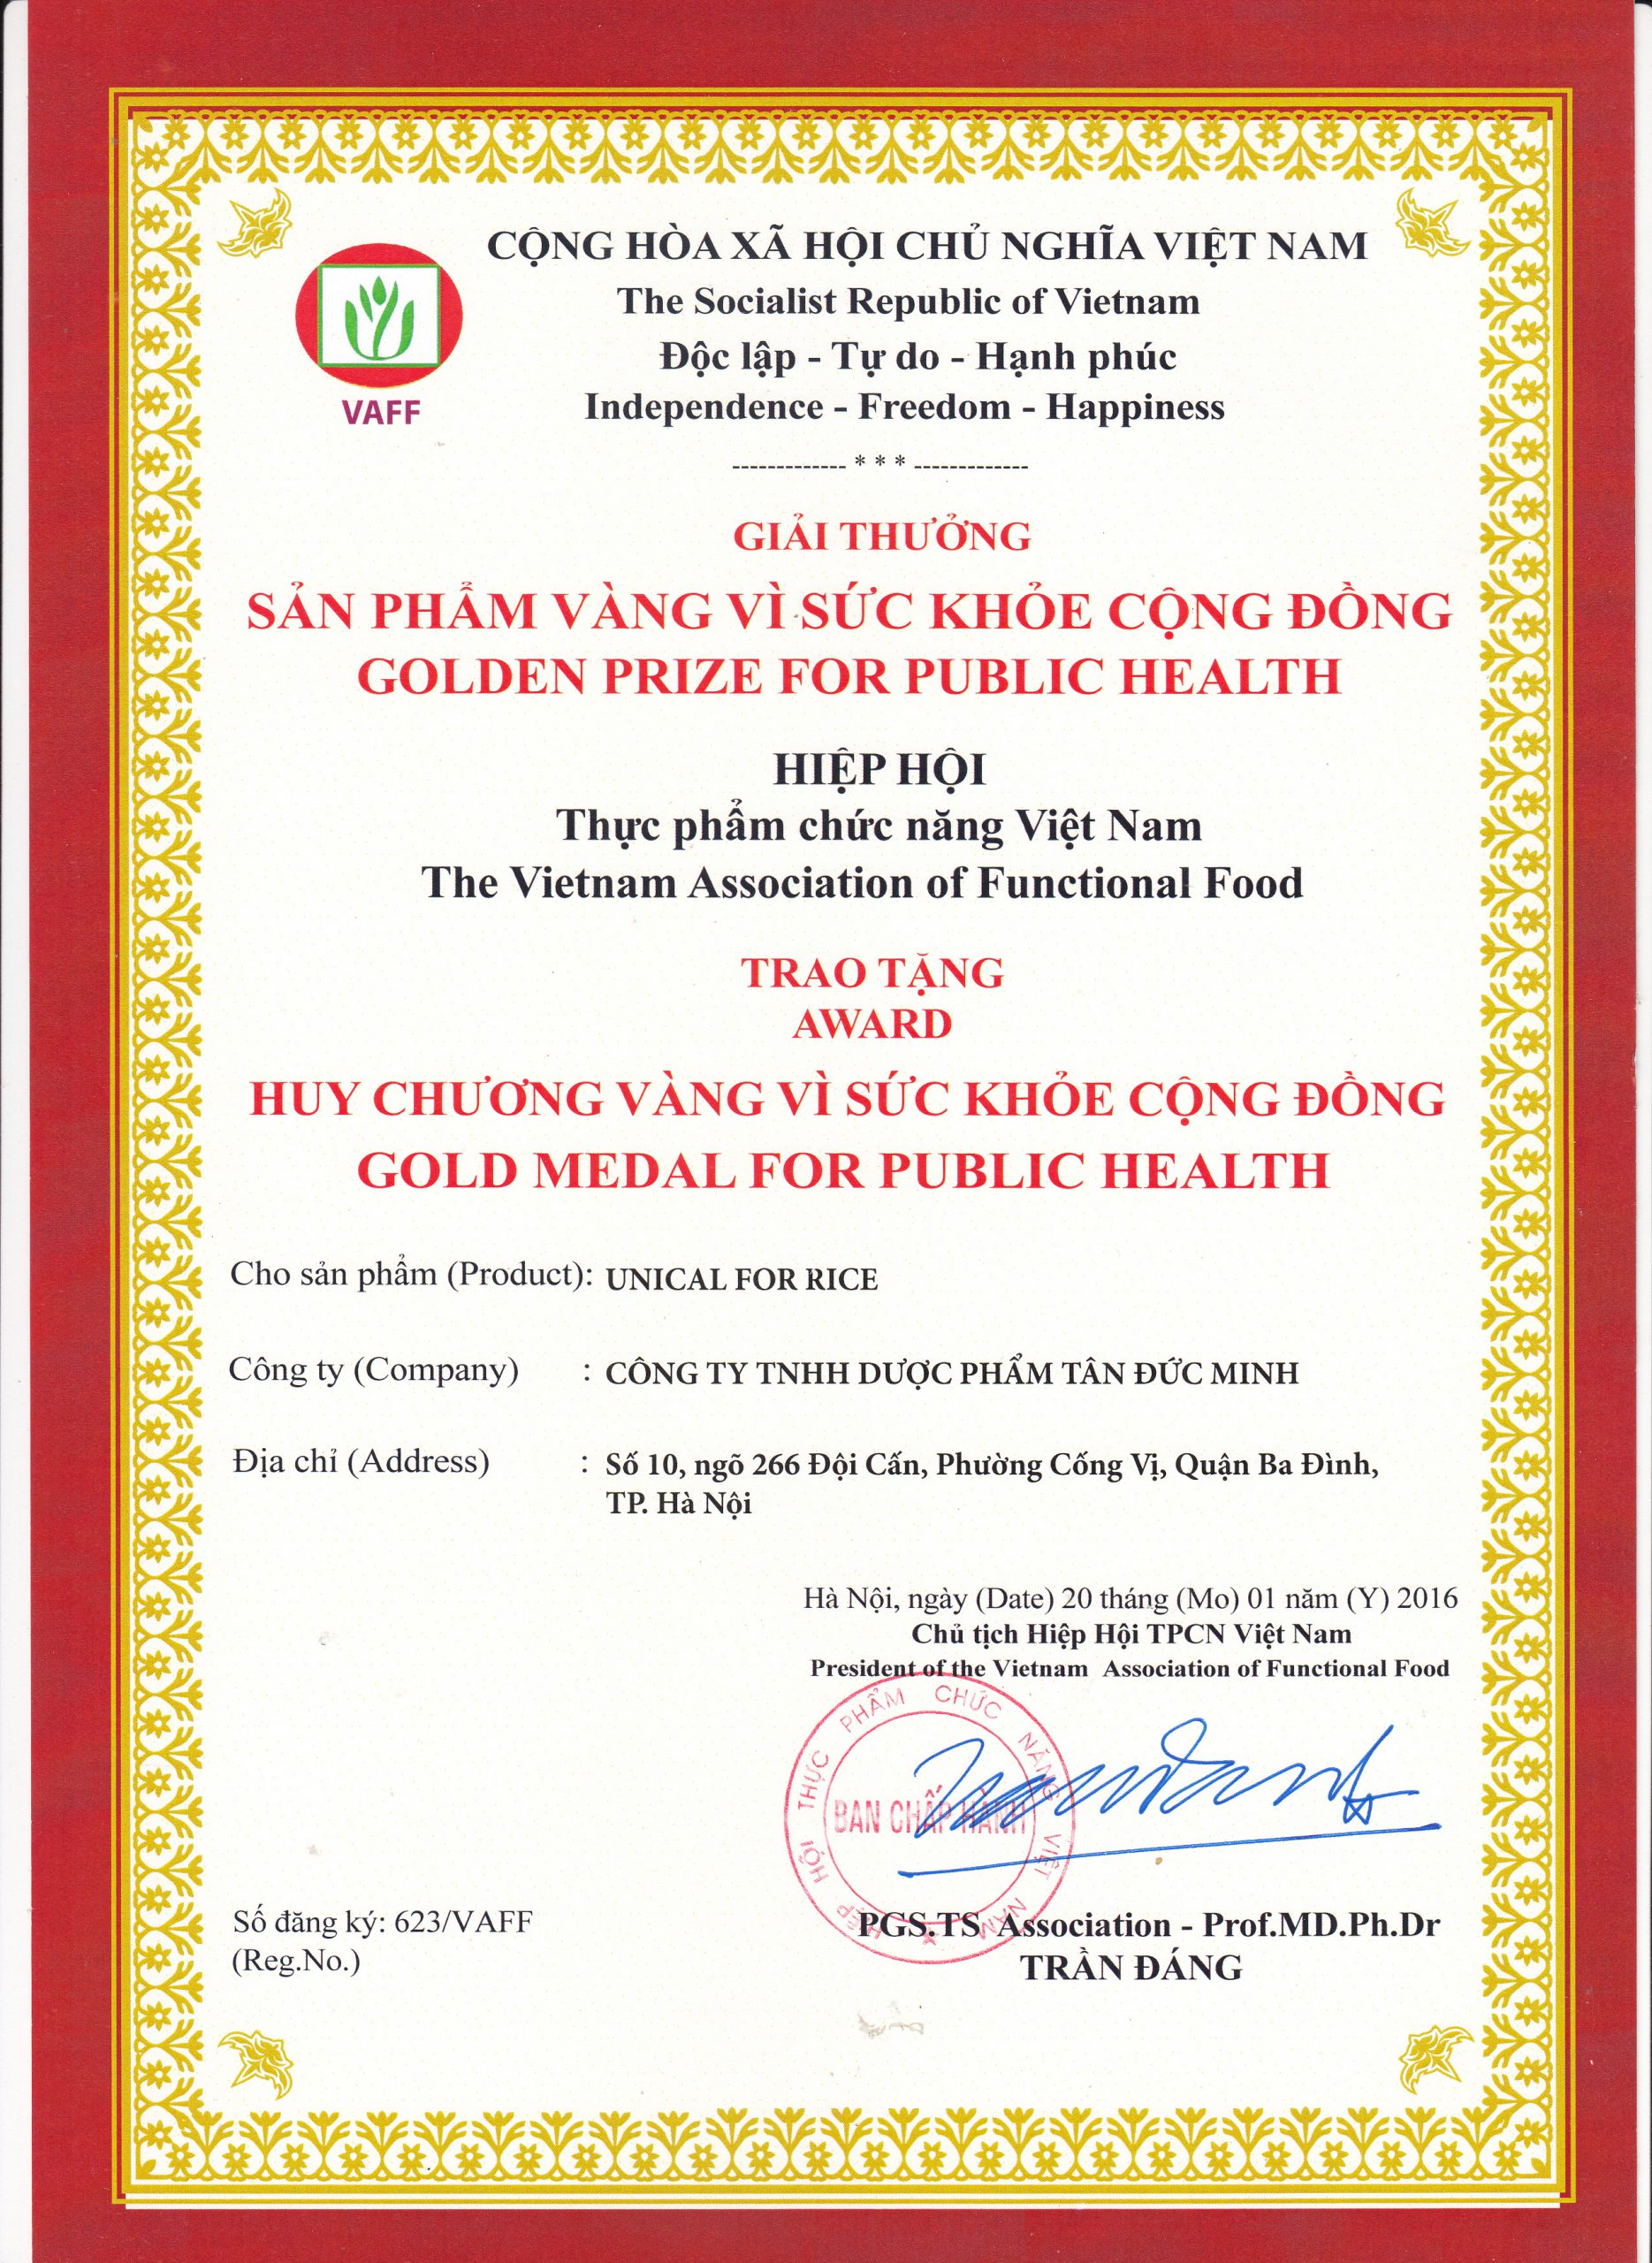 Bang chung nhan SPV vi SK cong dong scaled 1